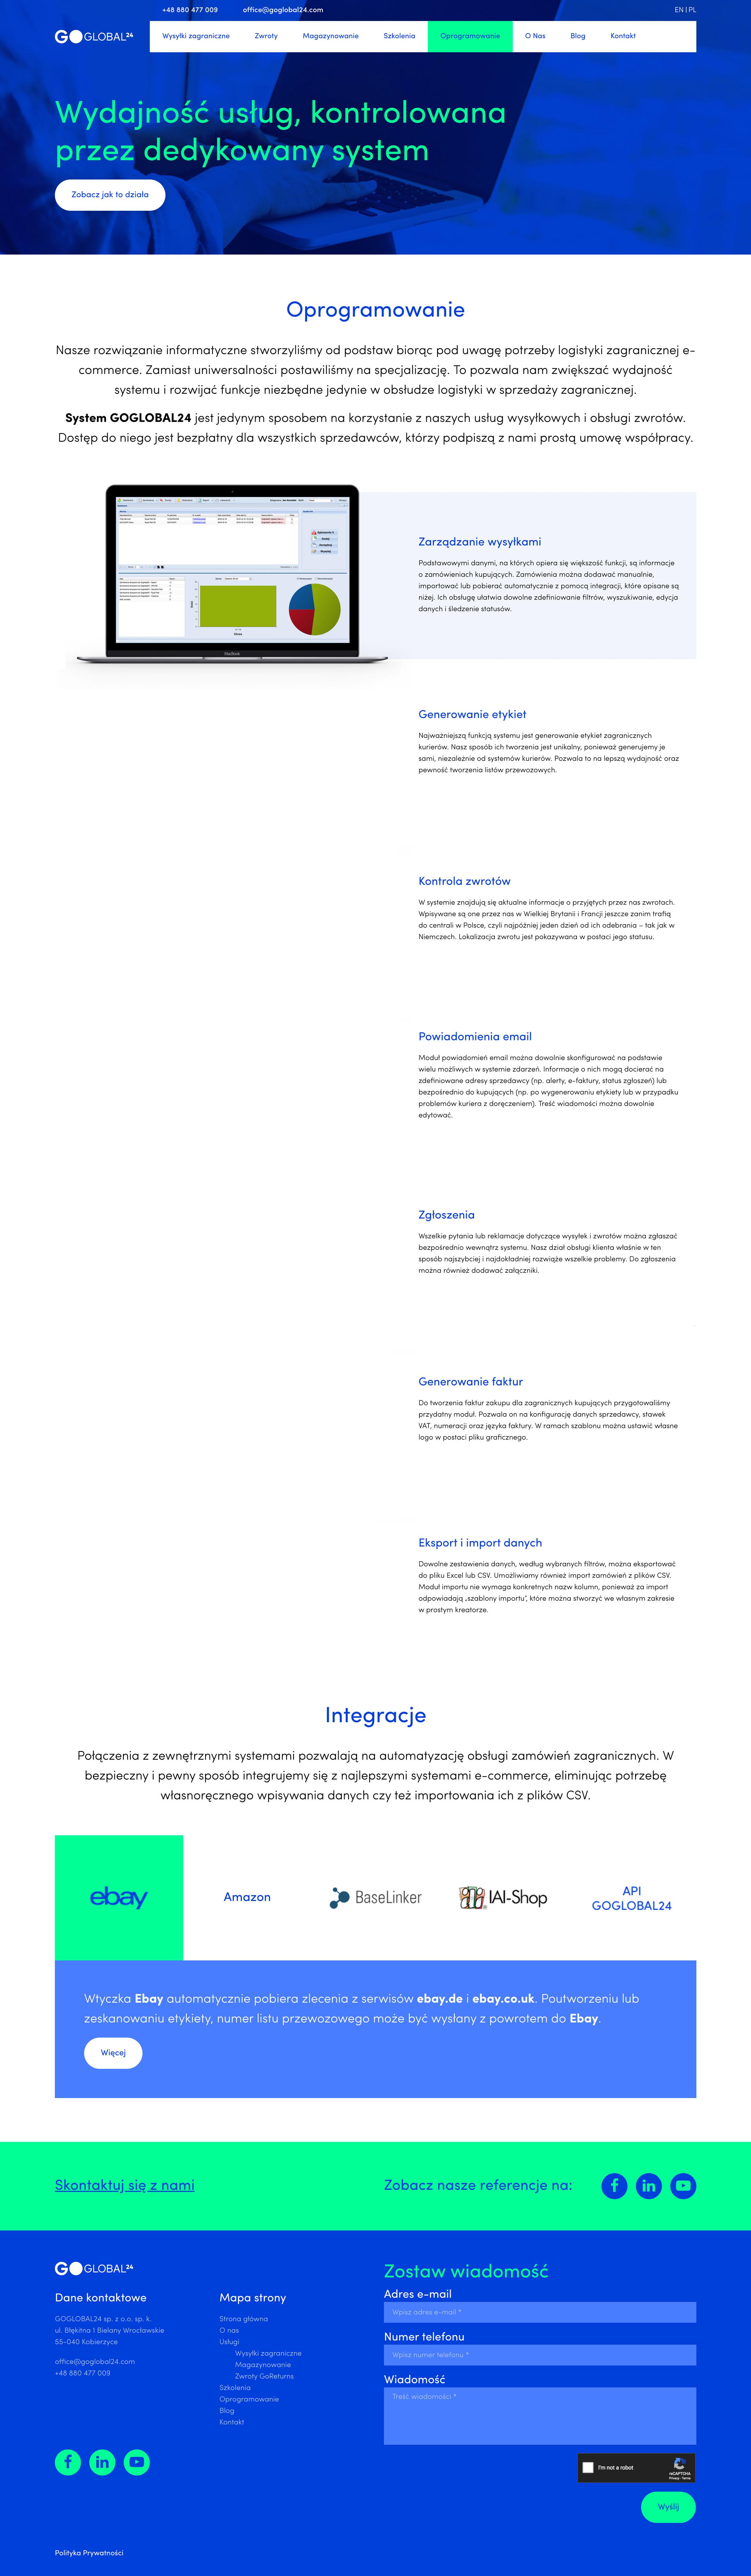 GoGlobal24 - Oprogramowanie